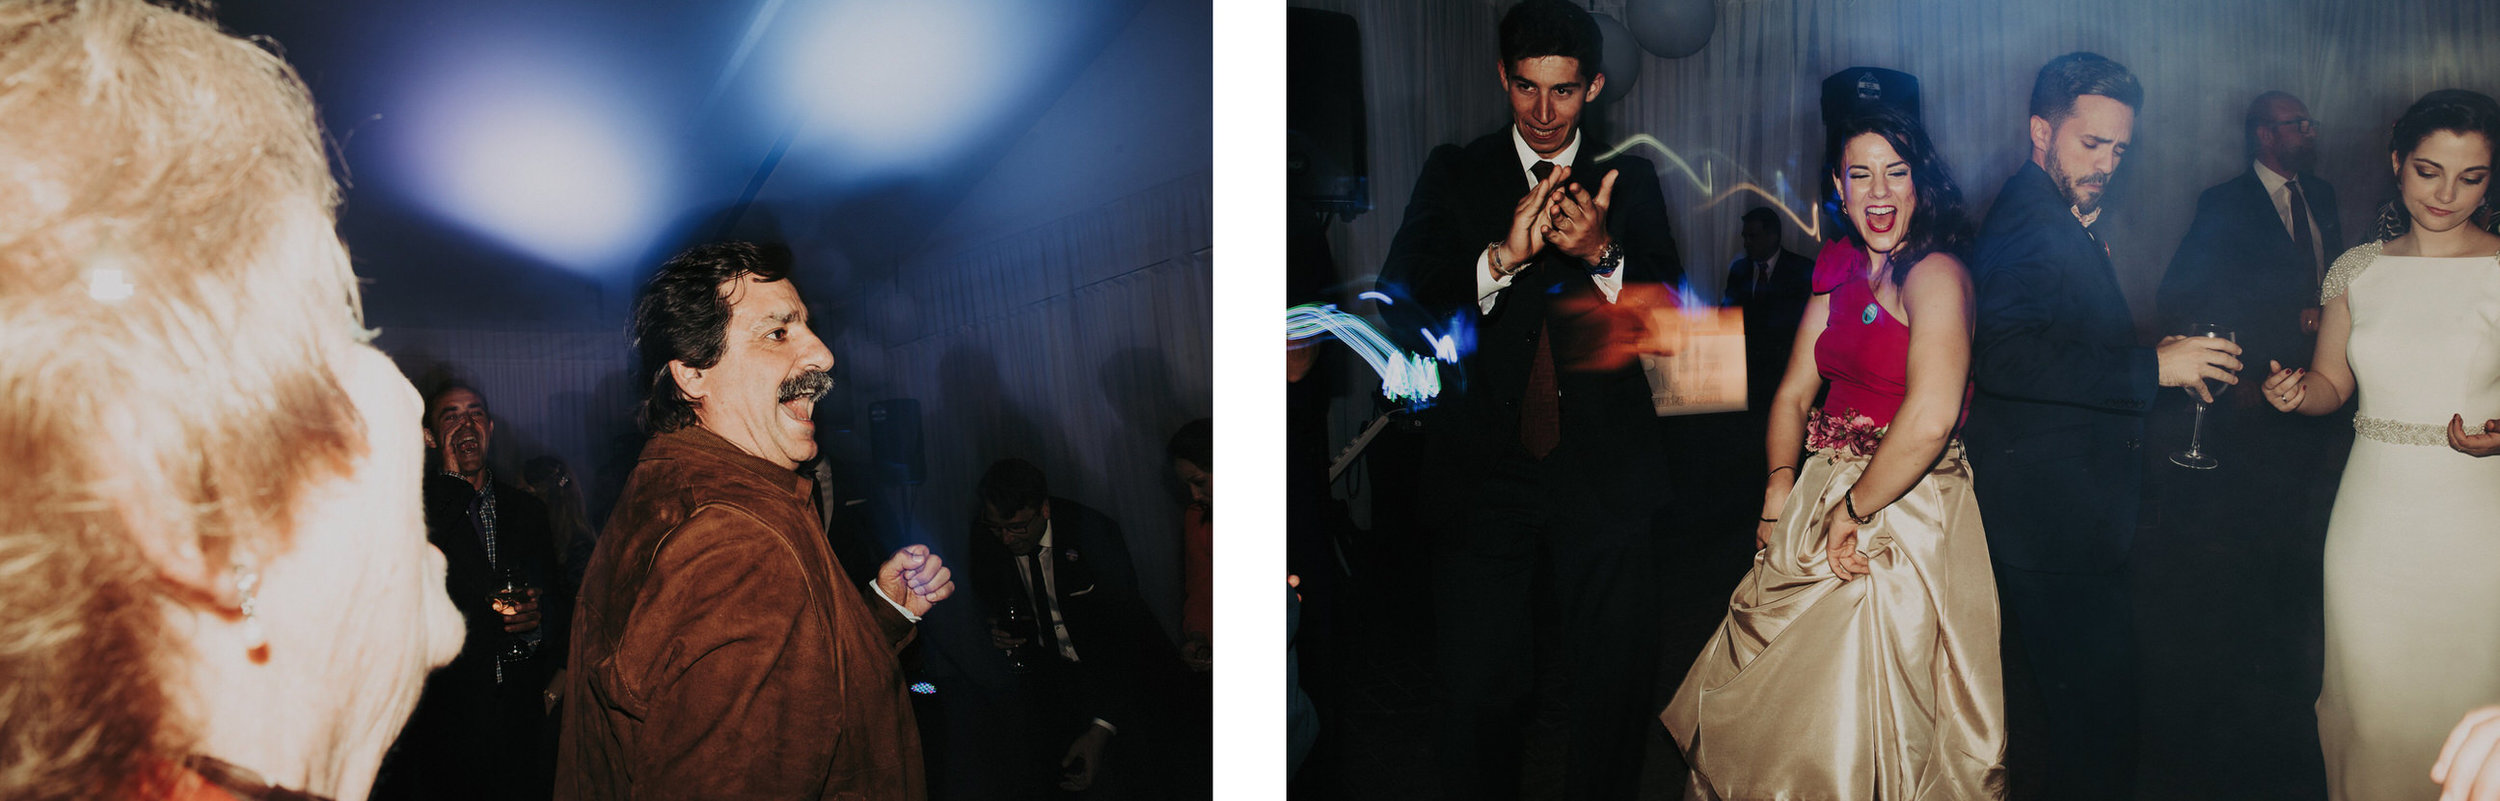 Laura & Rubén - boda en utrera - Santa clotilde- Manolo mayo - Fotografo de boda - Andrés Amarillo (11).jpg